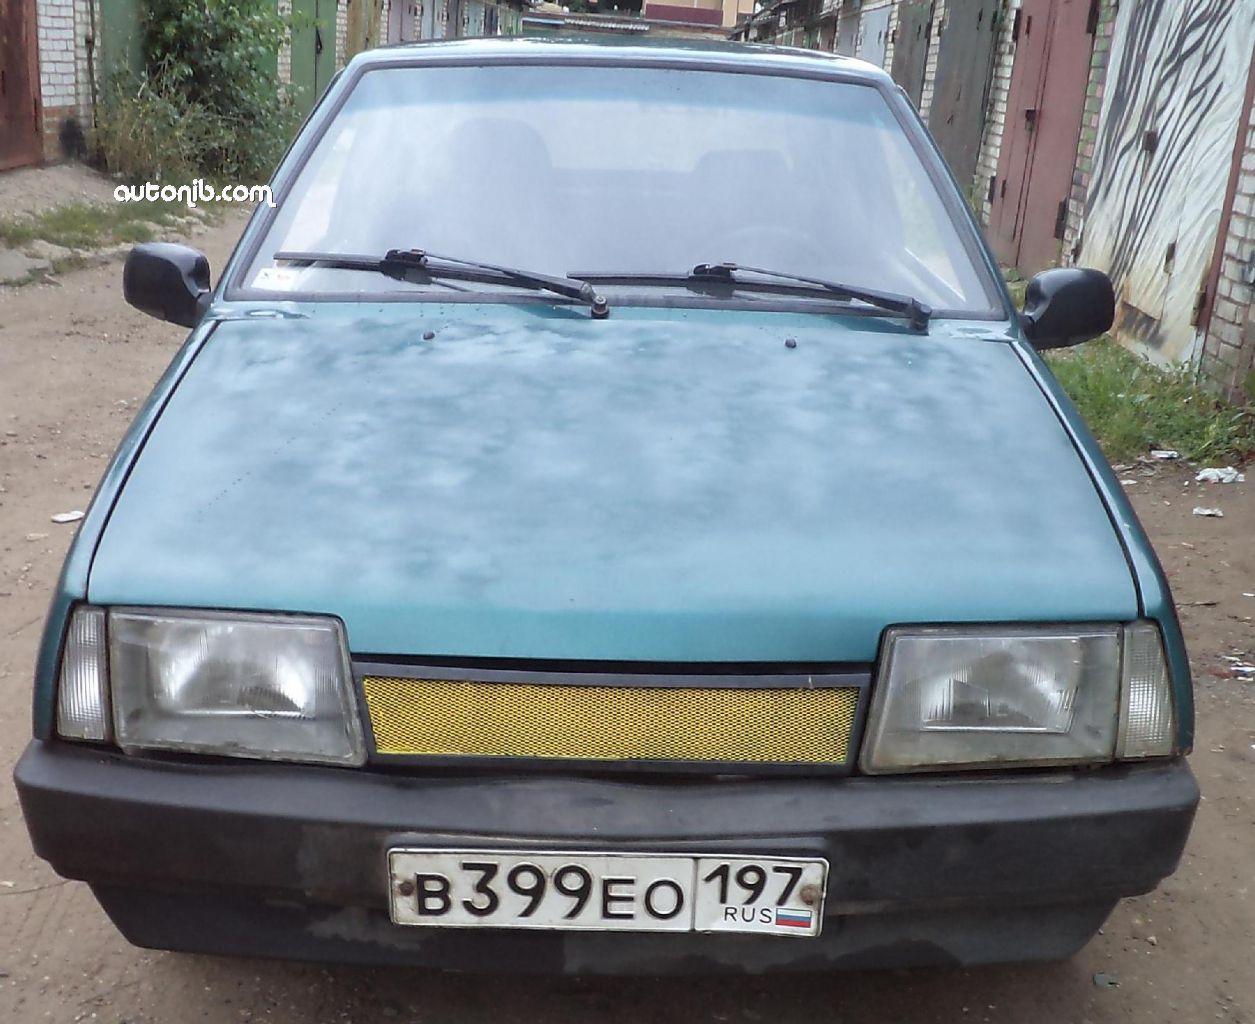 Купить ВАЗ 21083 1998 года в городе Королев